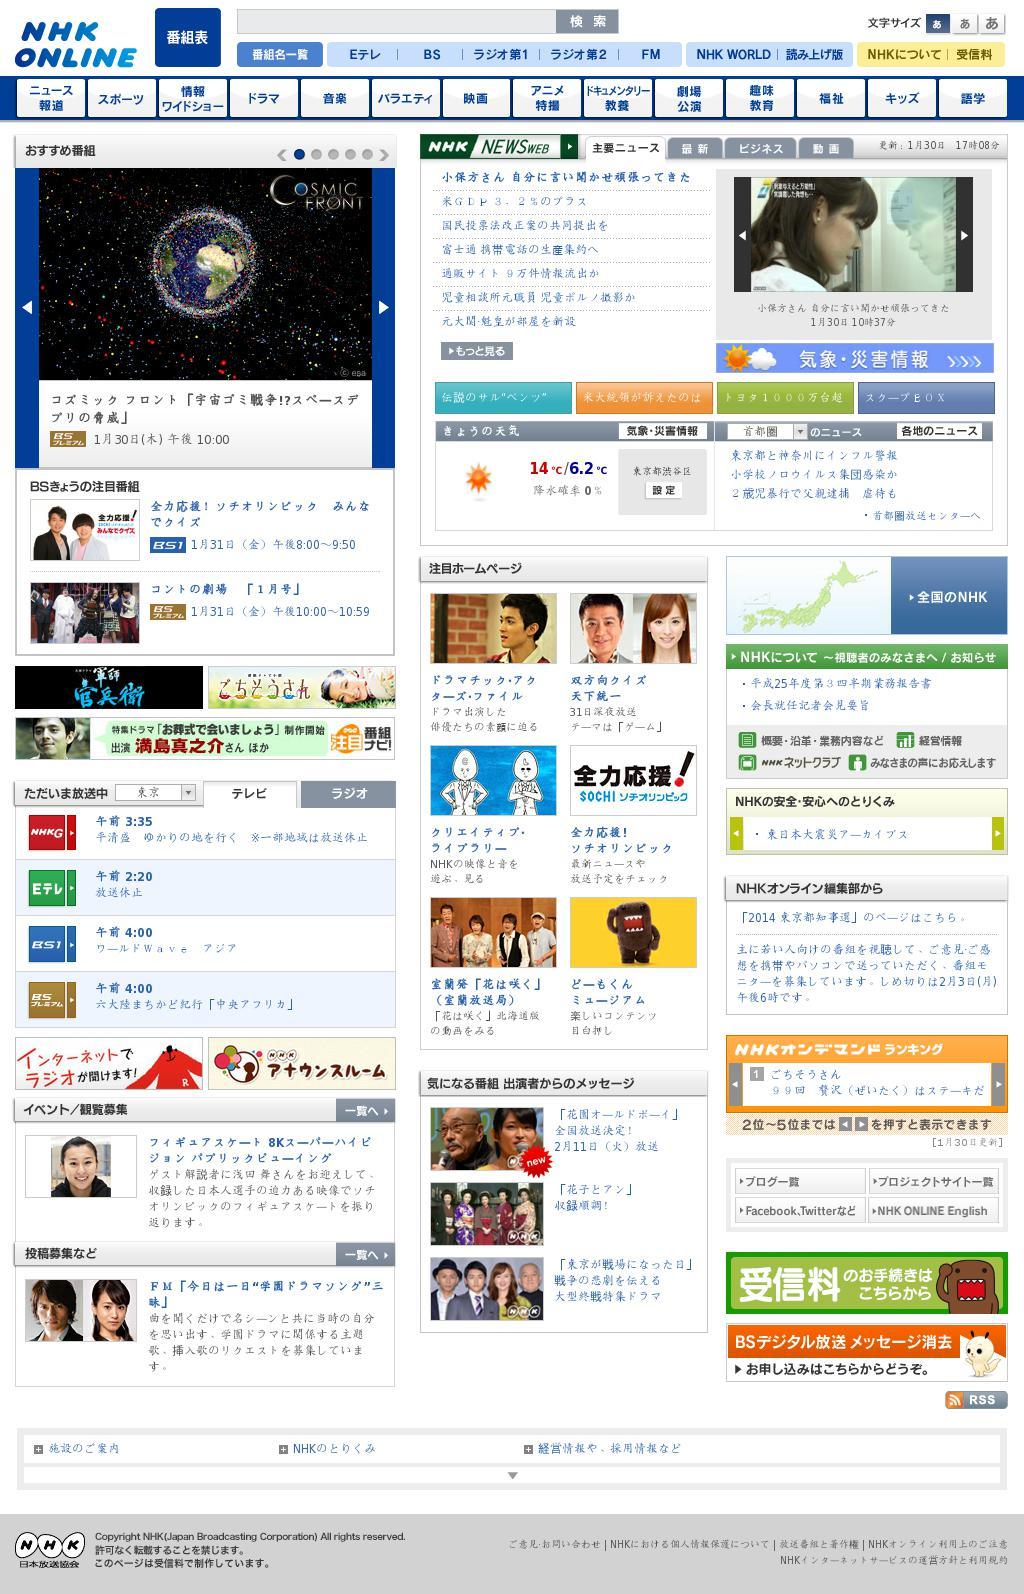 NHK Online at Thursday Jan. 30, 2014, 7:16 p.m. UTC